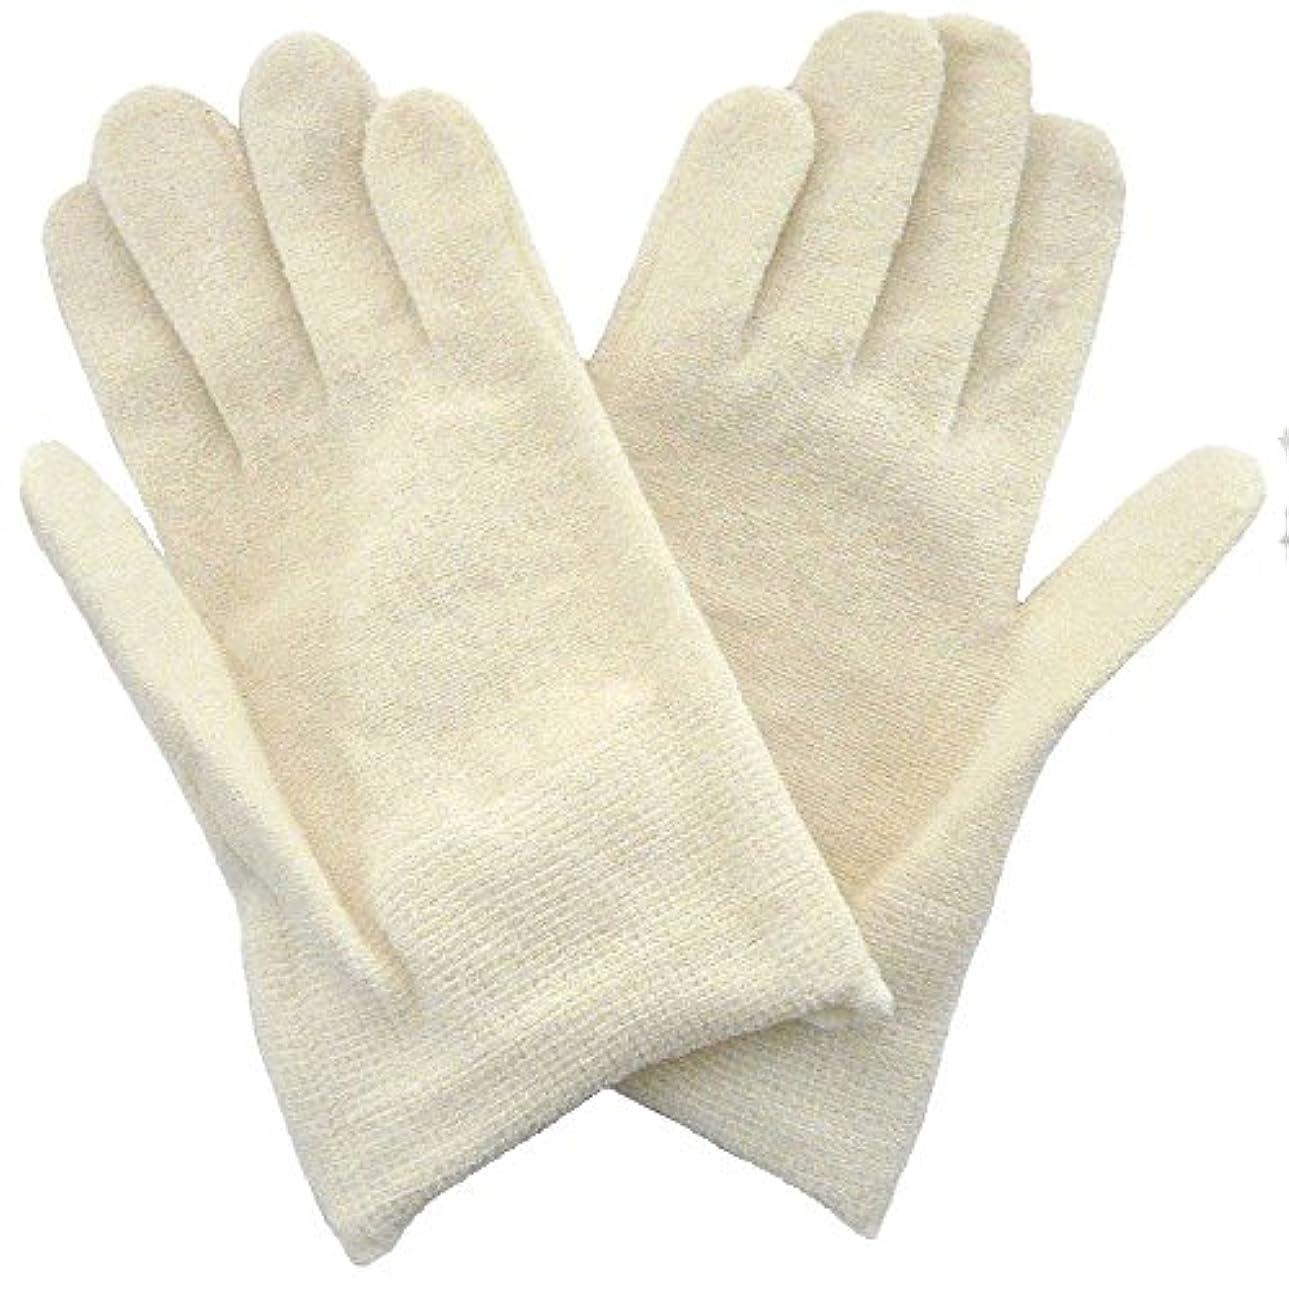 見つけたコンソール失望させる【アトピー】【水疱瘡】【皮膚炎】 ナノミックス おやすみ手袋:キッズ用 アイボリー